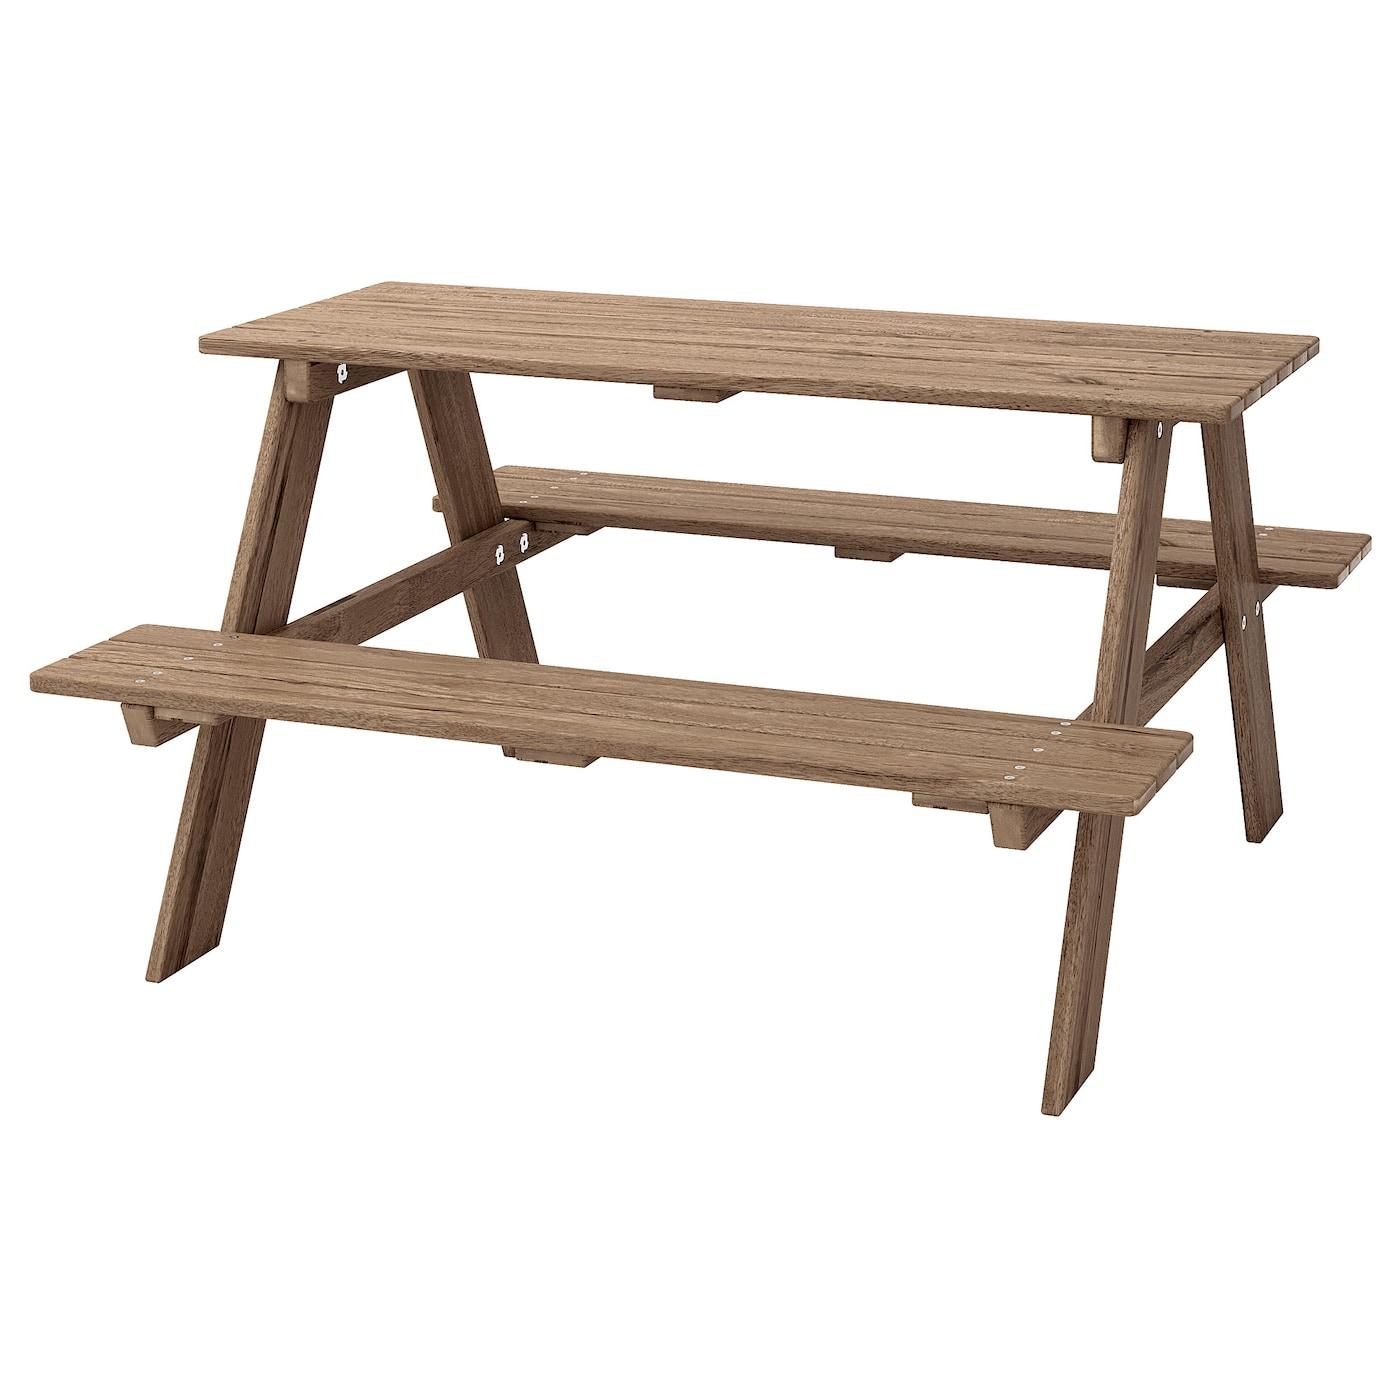 Full Size of Ikea Gartentisch Res Picknicktisch Fr Graubraun Lasiert Küche Kosten Kaufen Modulküche Miniküche Betten Bei 160x200 Sofa Mit Schlaffunktion Wohnzimmer Ikea Gartentisch